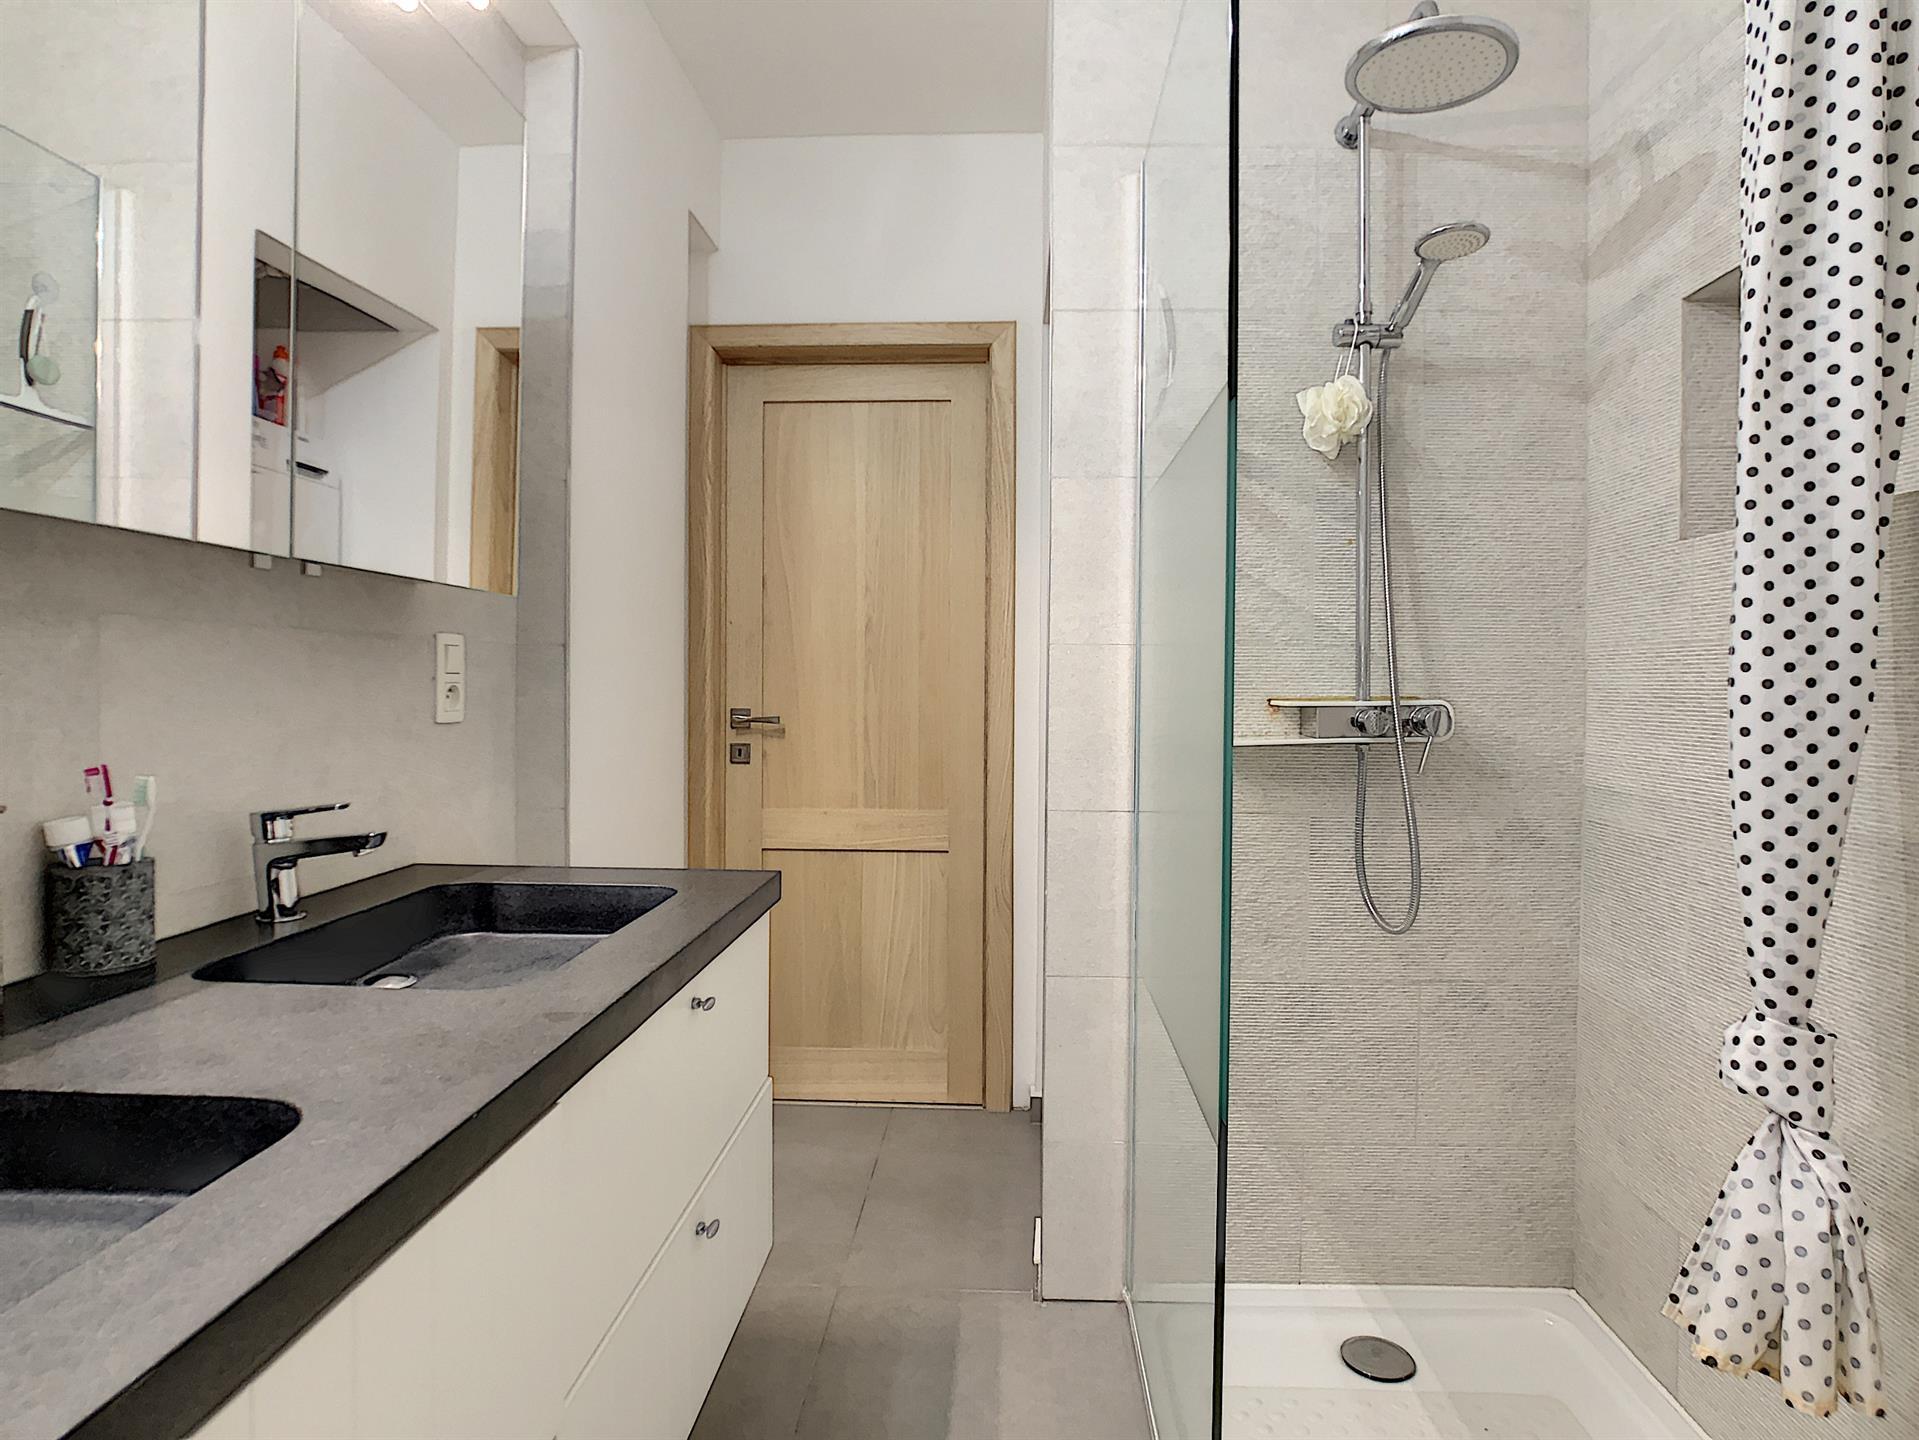 Appartement - Koekelberg - #4370469-5